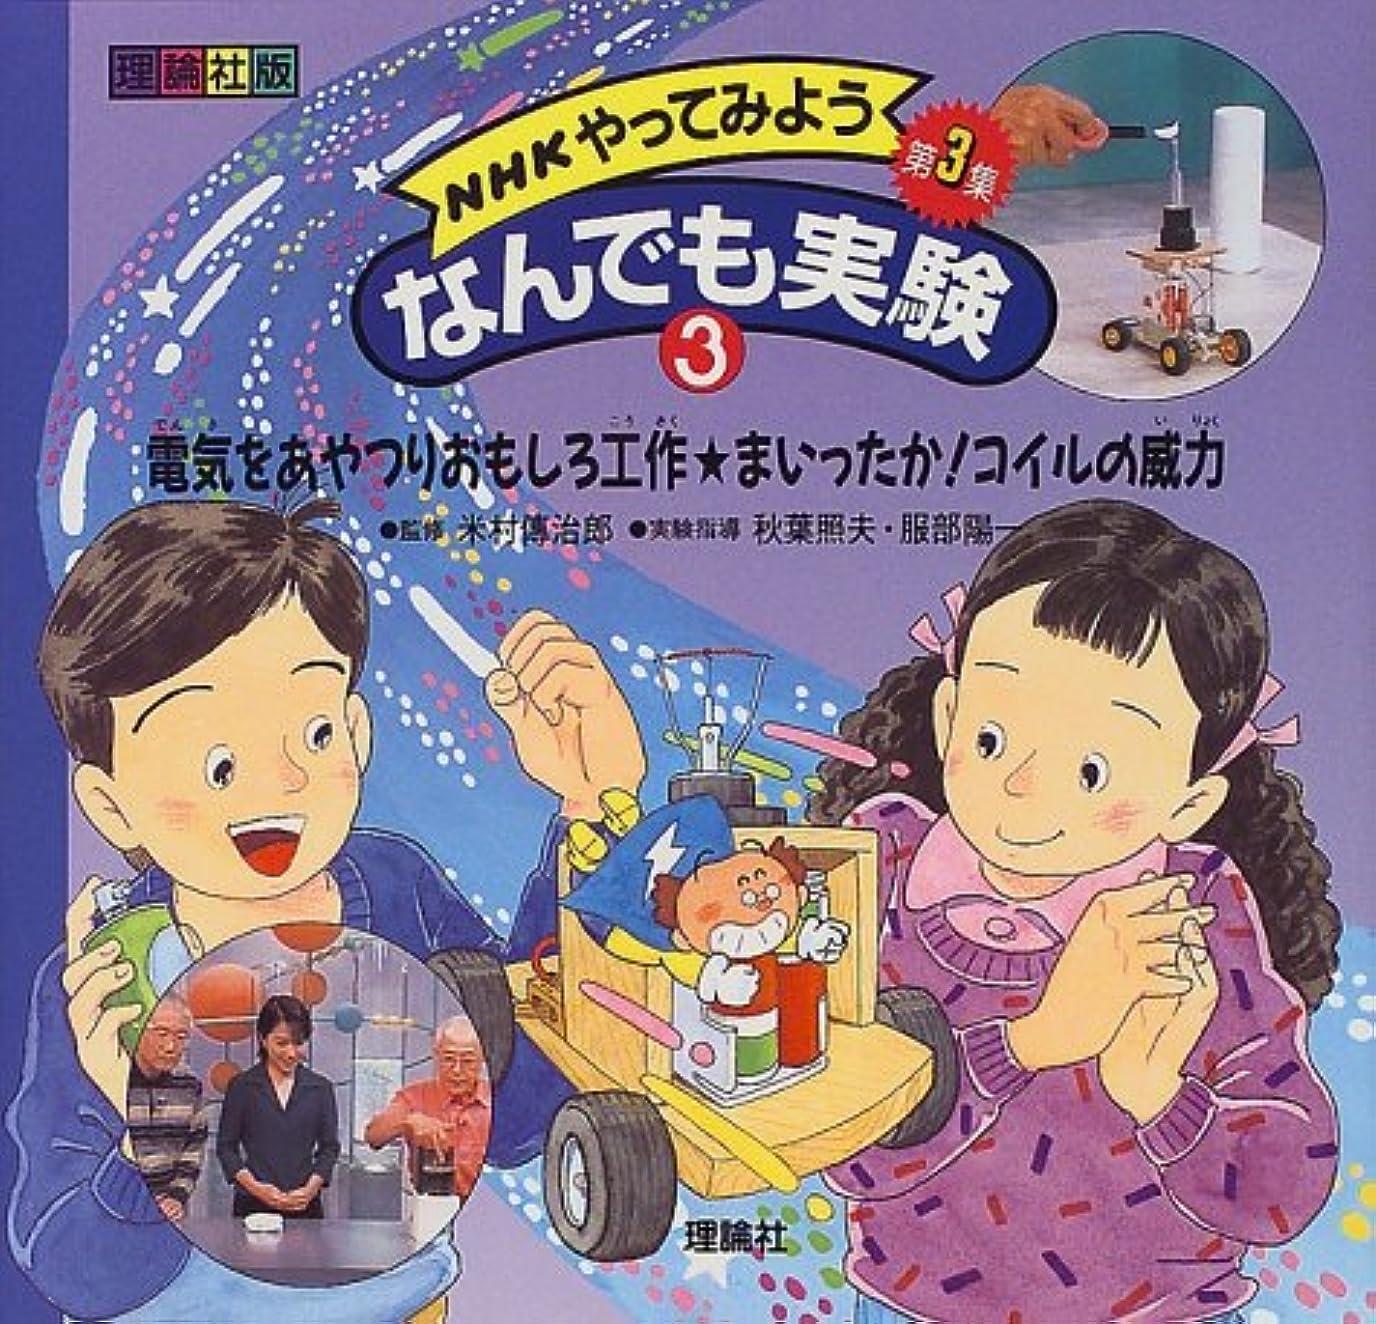 未使用定数同性愛者NHKやってみようなんでも実験第3集〈3〉電気をあやつりおもしろ工作?まいったか!コイルの威力